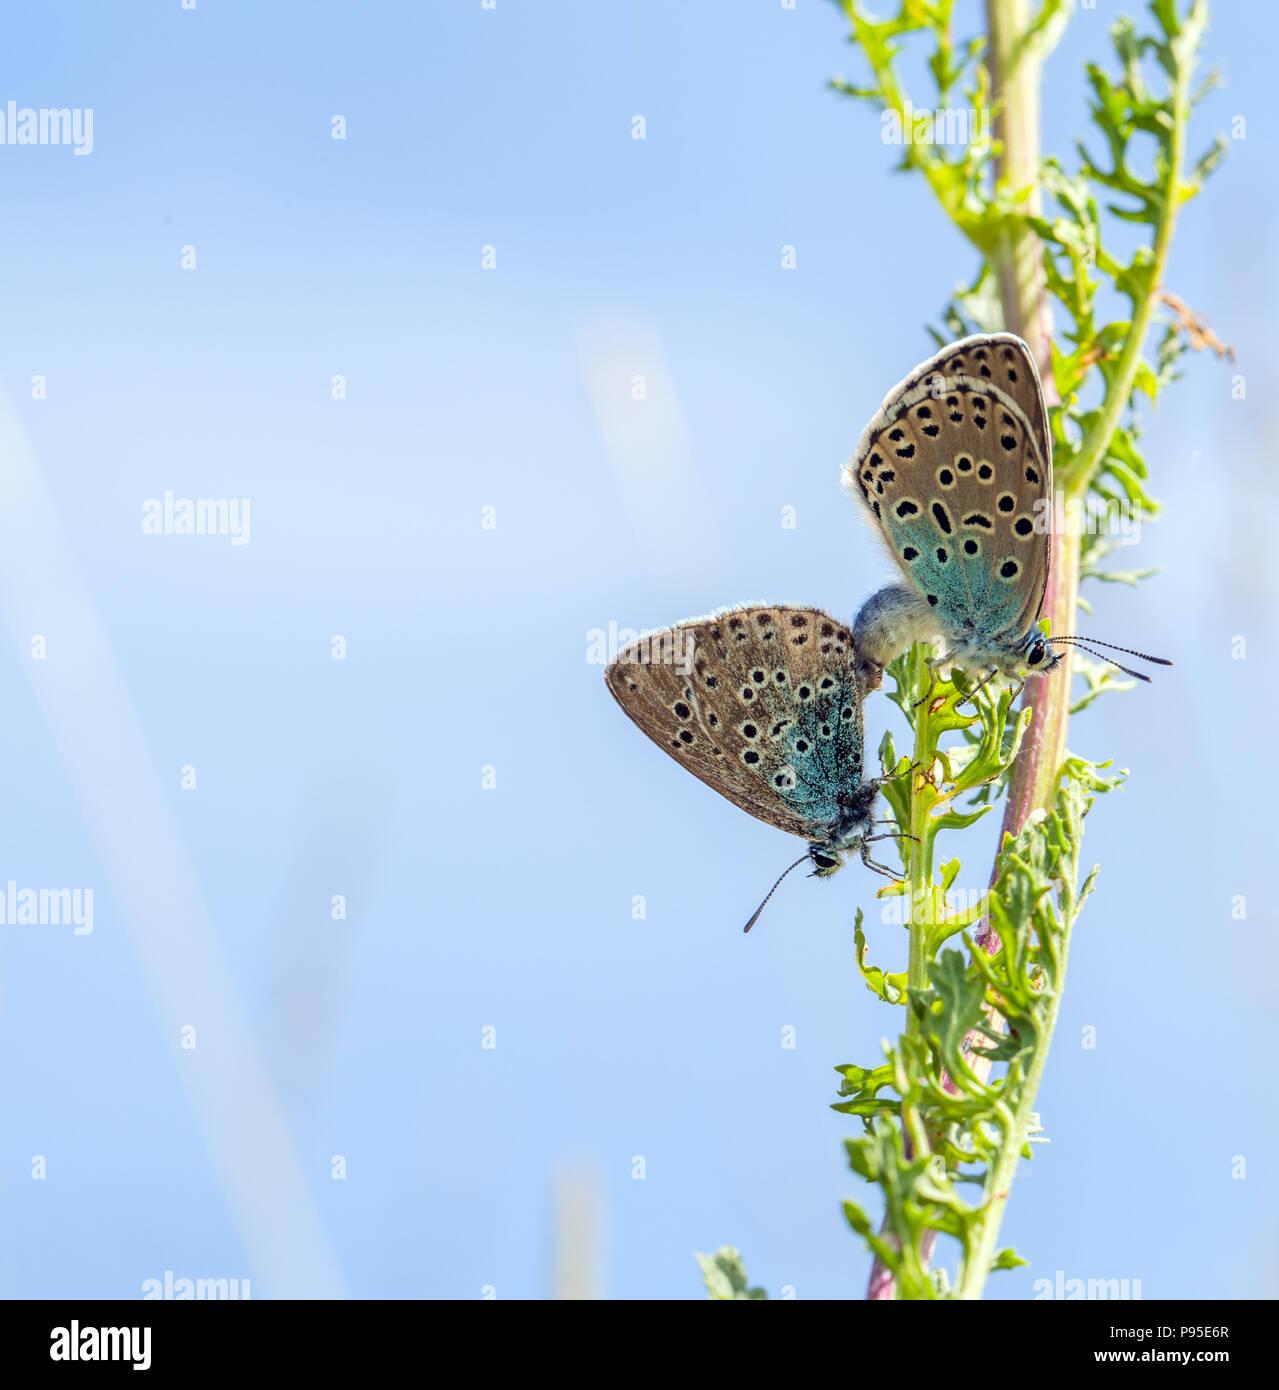 Die großen blauen Schmetterlings Maculinea Arion auf Collard Hill Somerset nach der erfolgreichen Wiedereinführung in der Mitte der 1980er Jahre nach Aussterben 1979 Stockbild